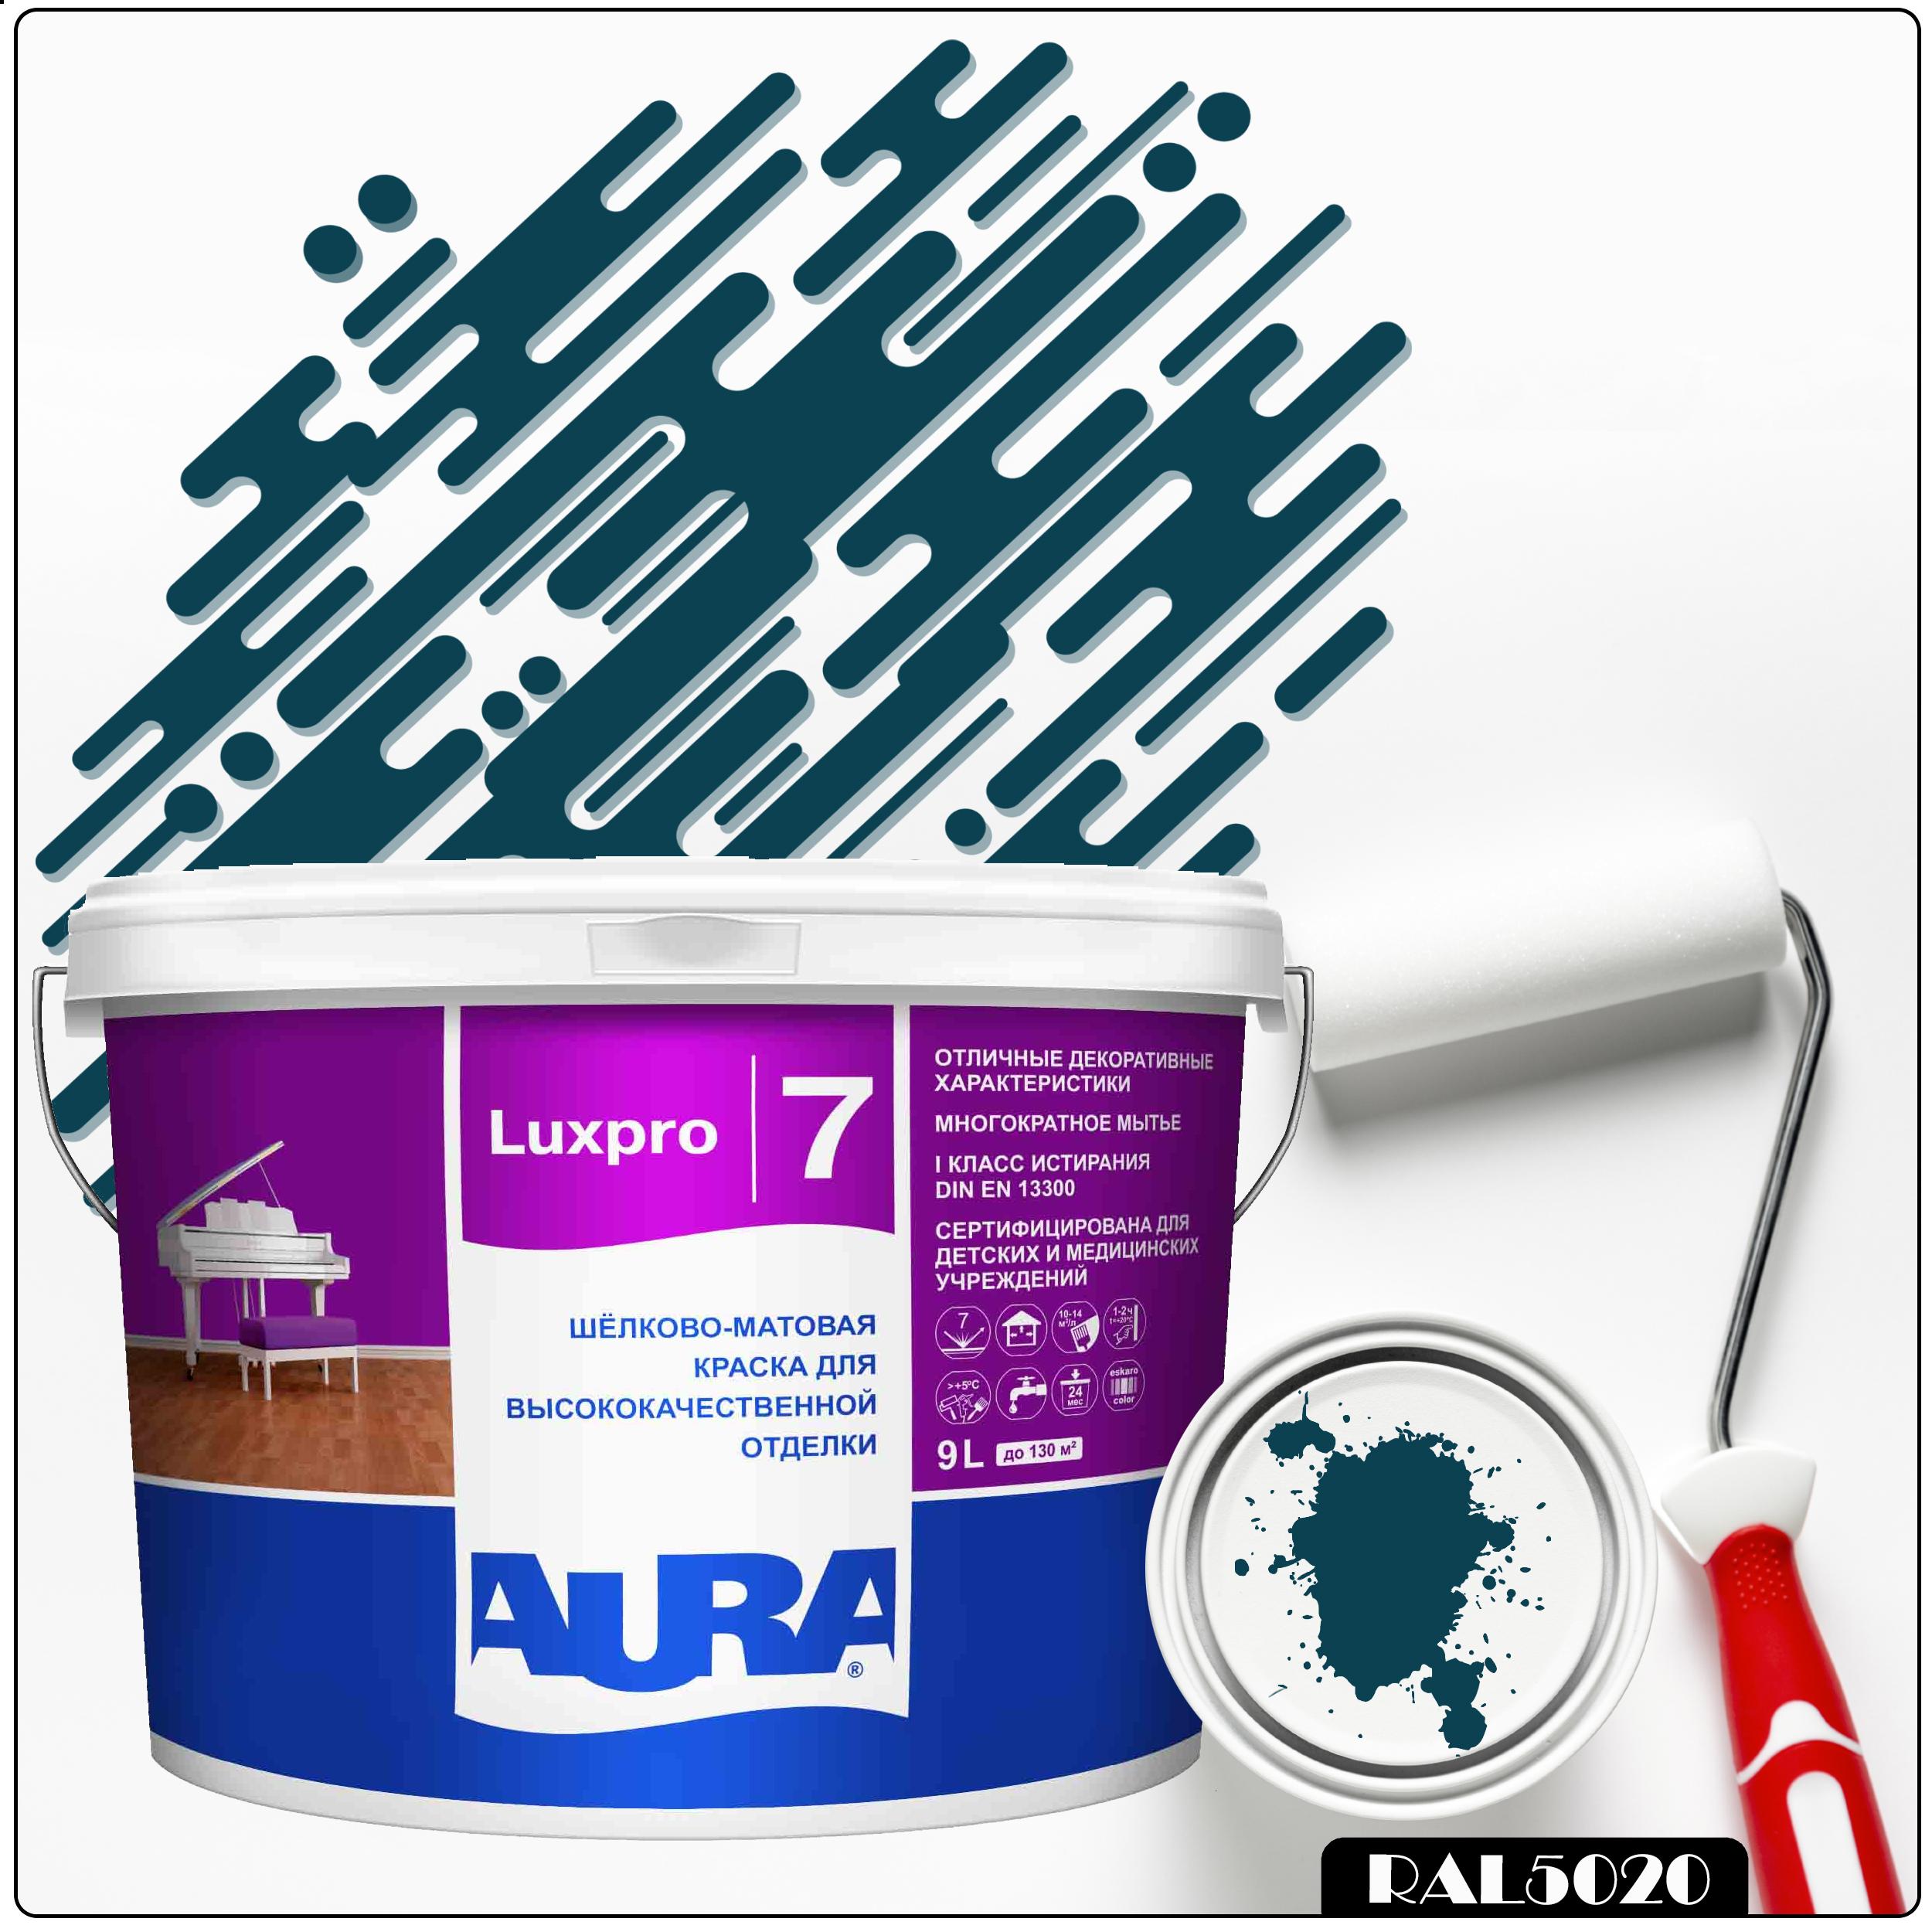 Фото 19 - Краска Aura LuxPRO 7, RAL 5020 Океанская синь, латексная, шелково-матовая, интерьерная, 9л, Аура.